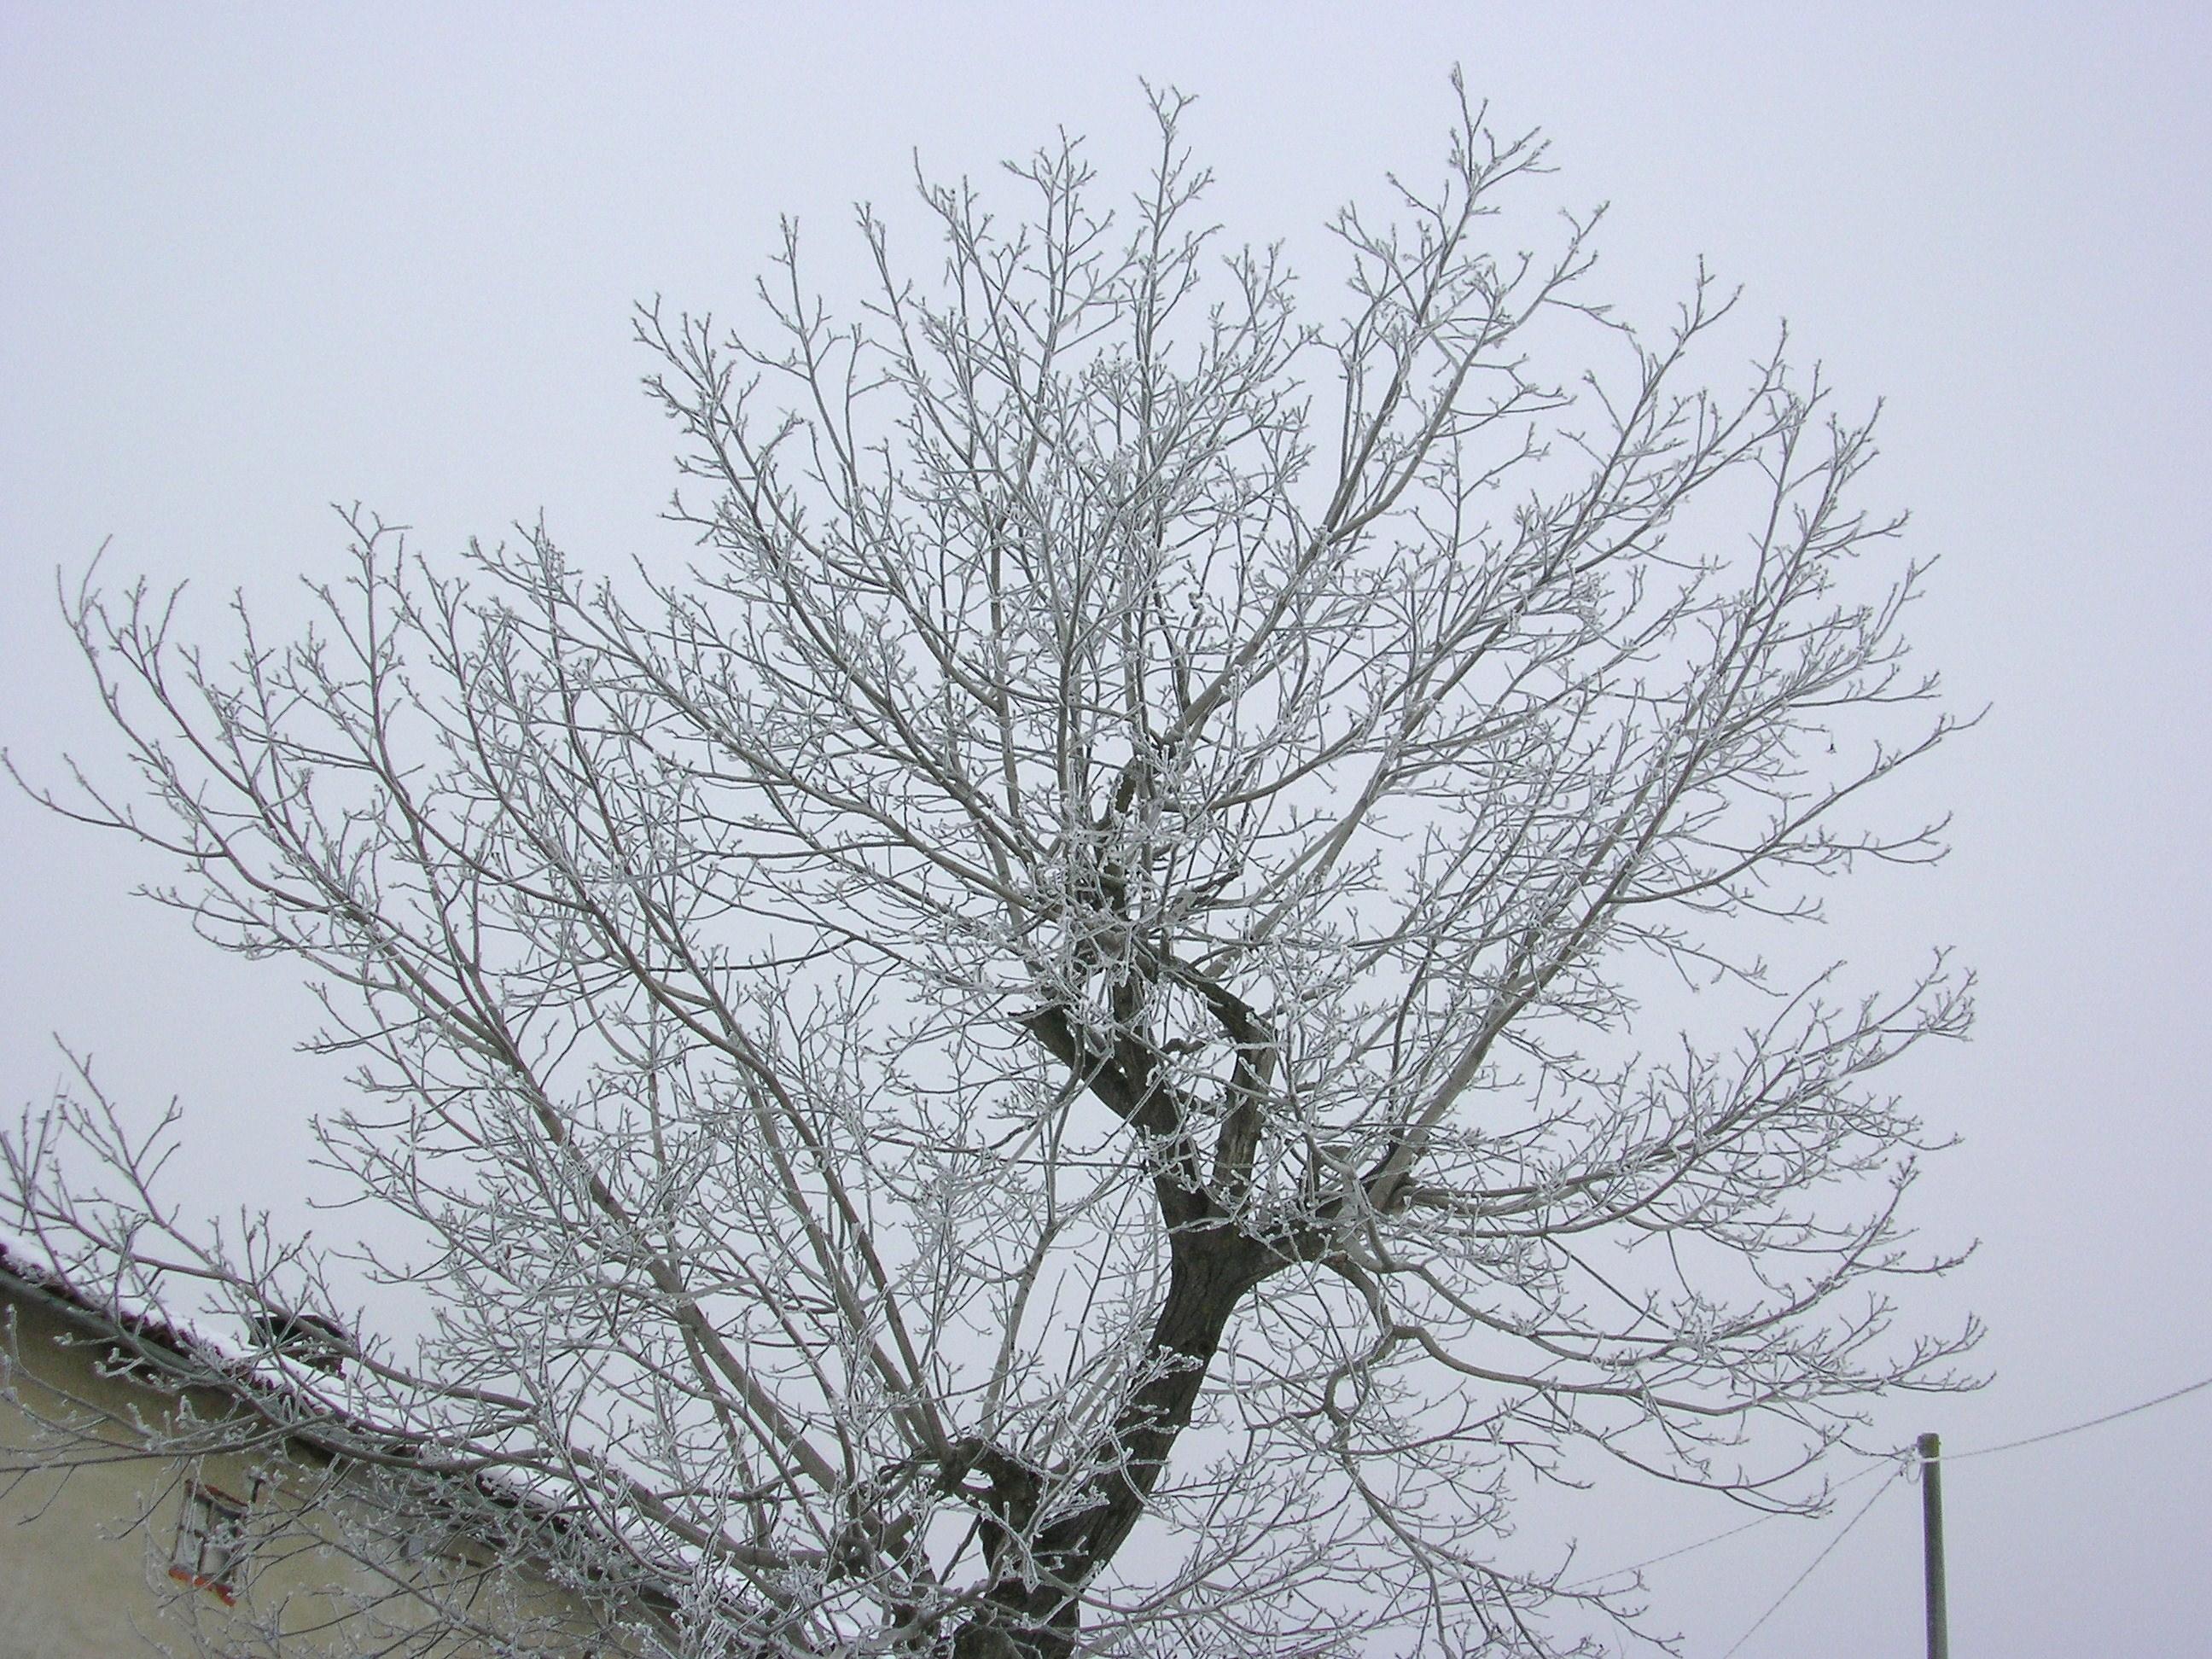 piemonte-inverno 2008/09